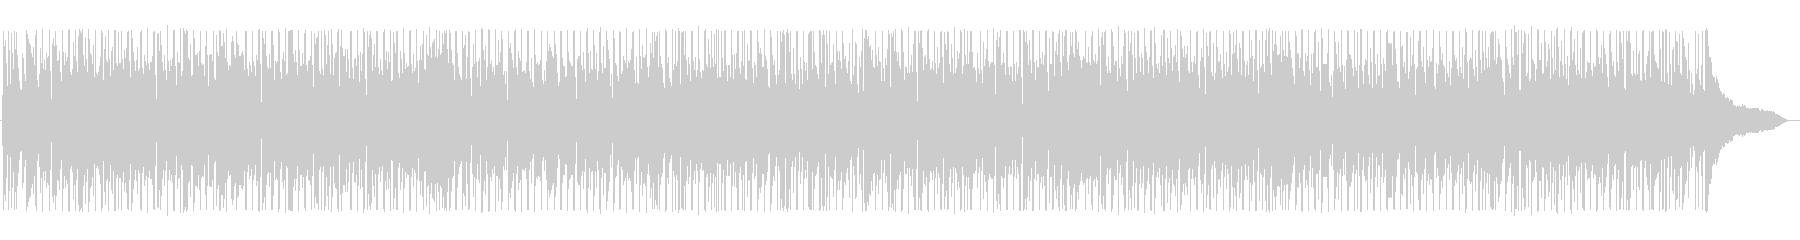 ノリノリ爽やか80年代シティダンスポップの未再生の波形